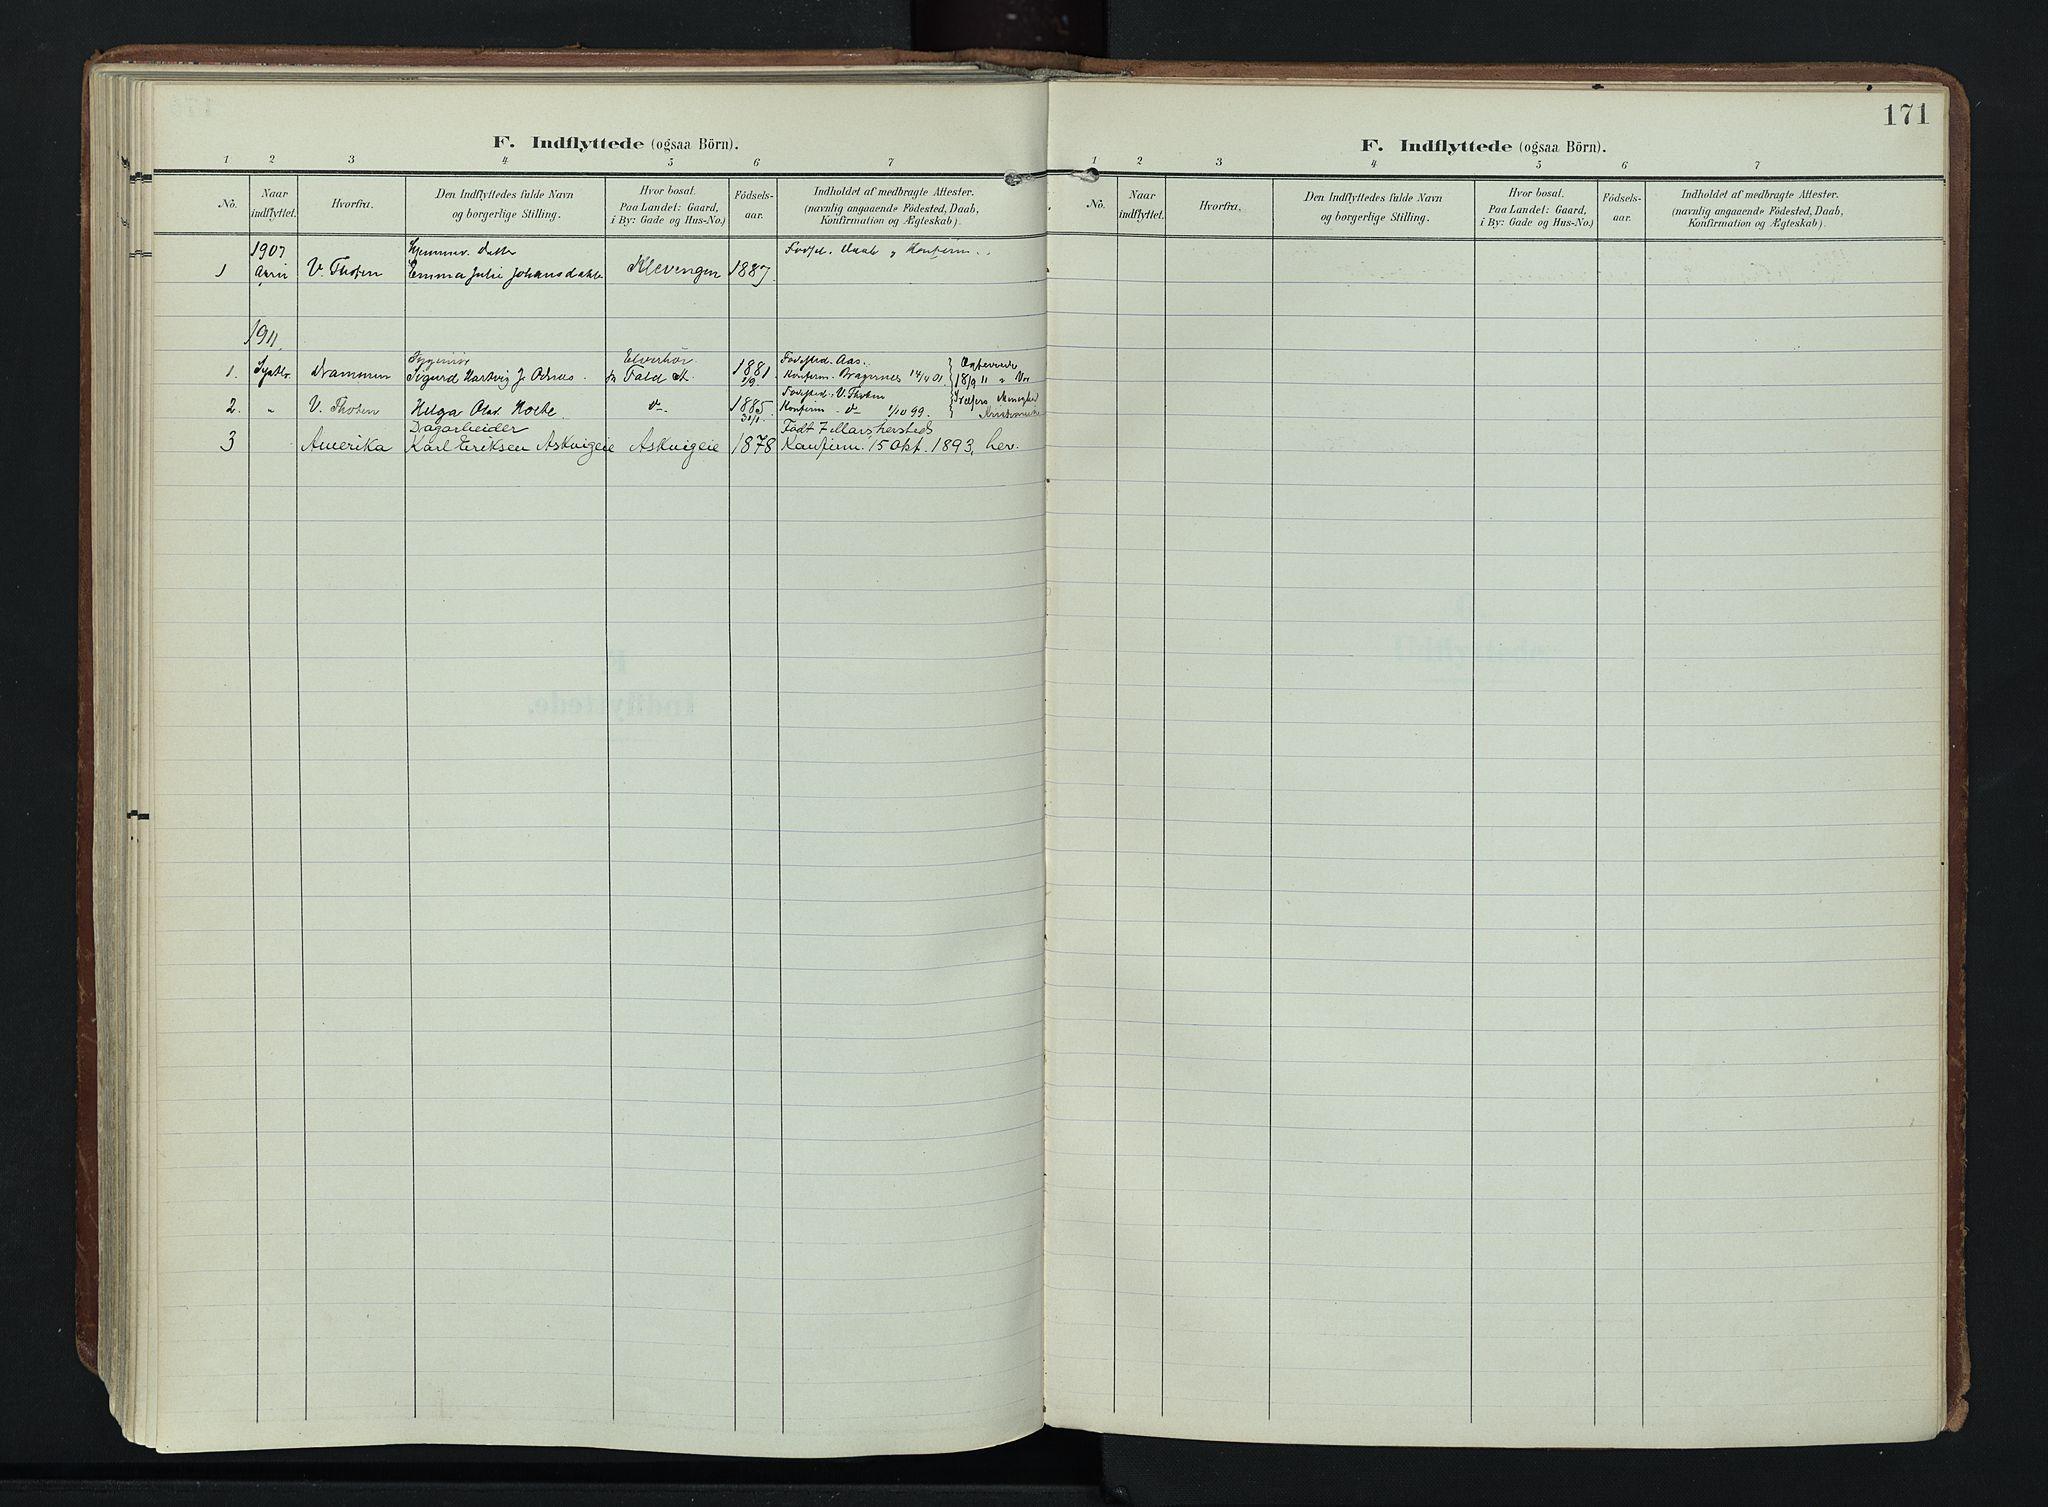 SAH, Søndre Land prestekontor, K/L0007: Ministerialbok nr. 7, 1905-1914, s. 171